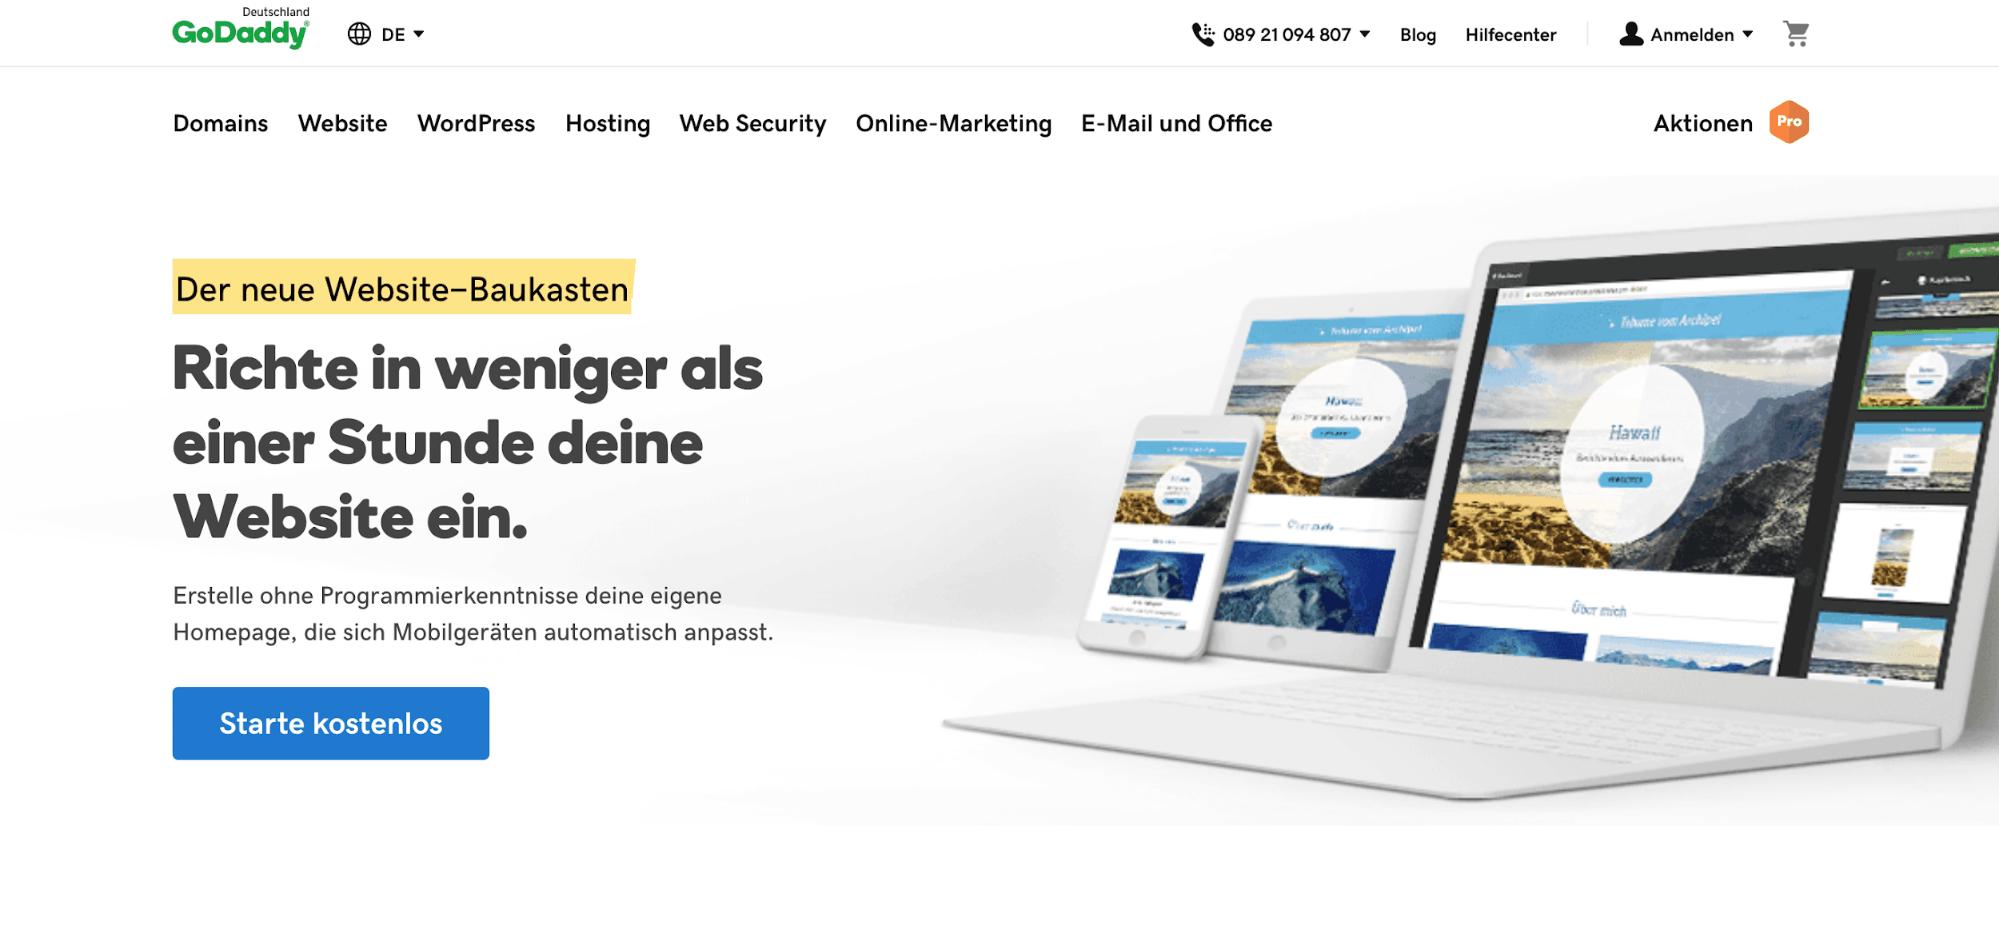 Einfache Homepage erstellen (für Anfänger): GoDaddy Schritt 1